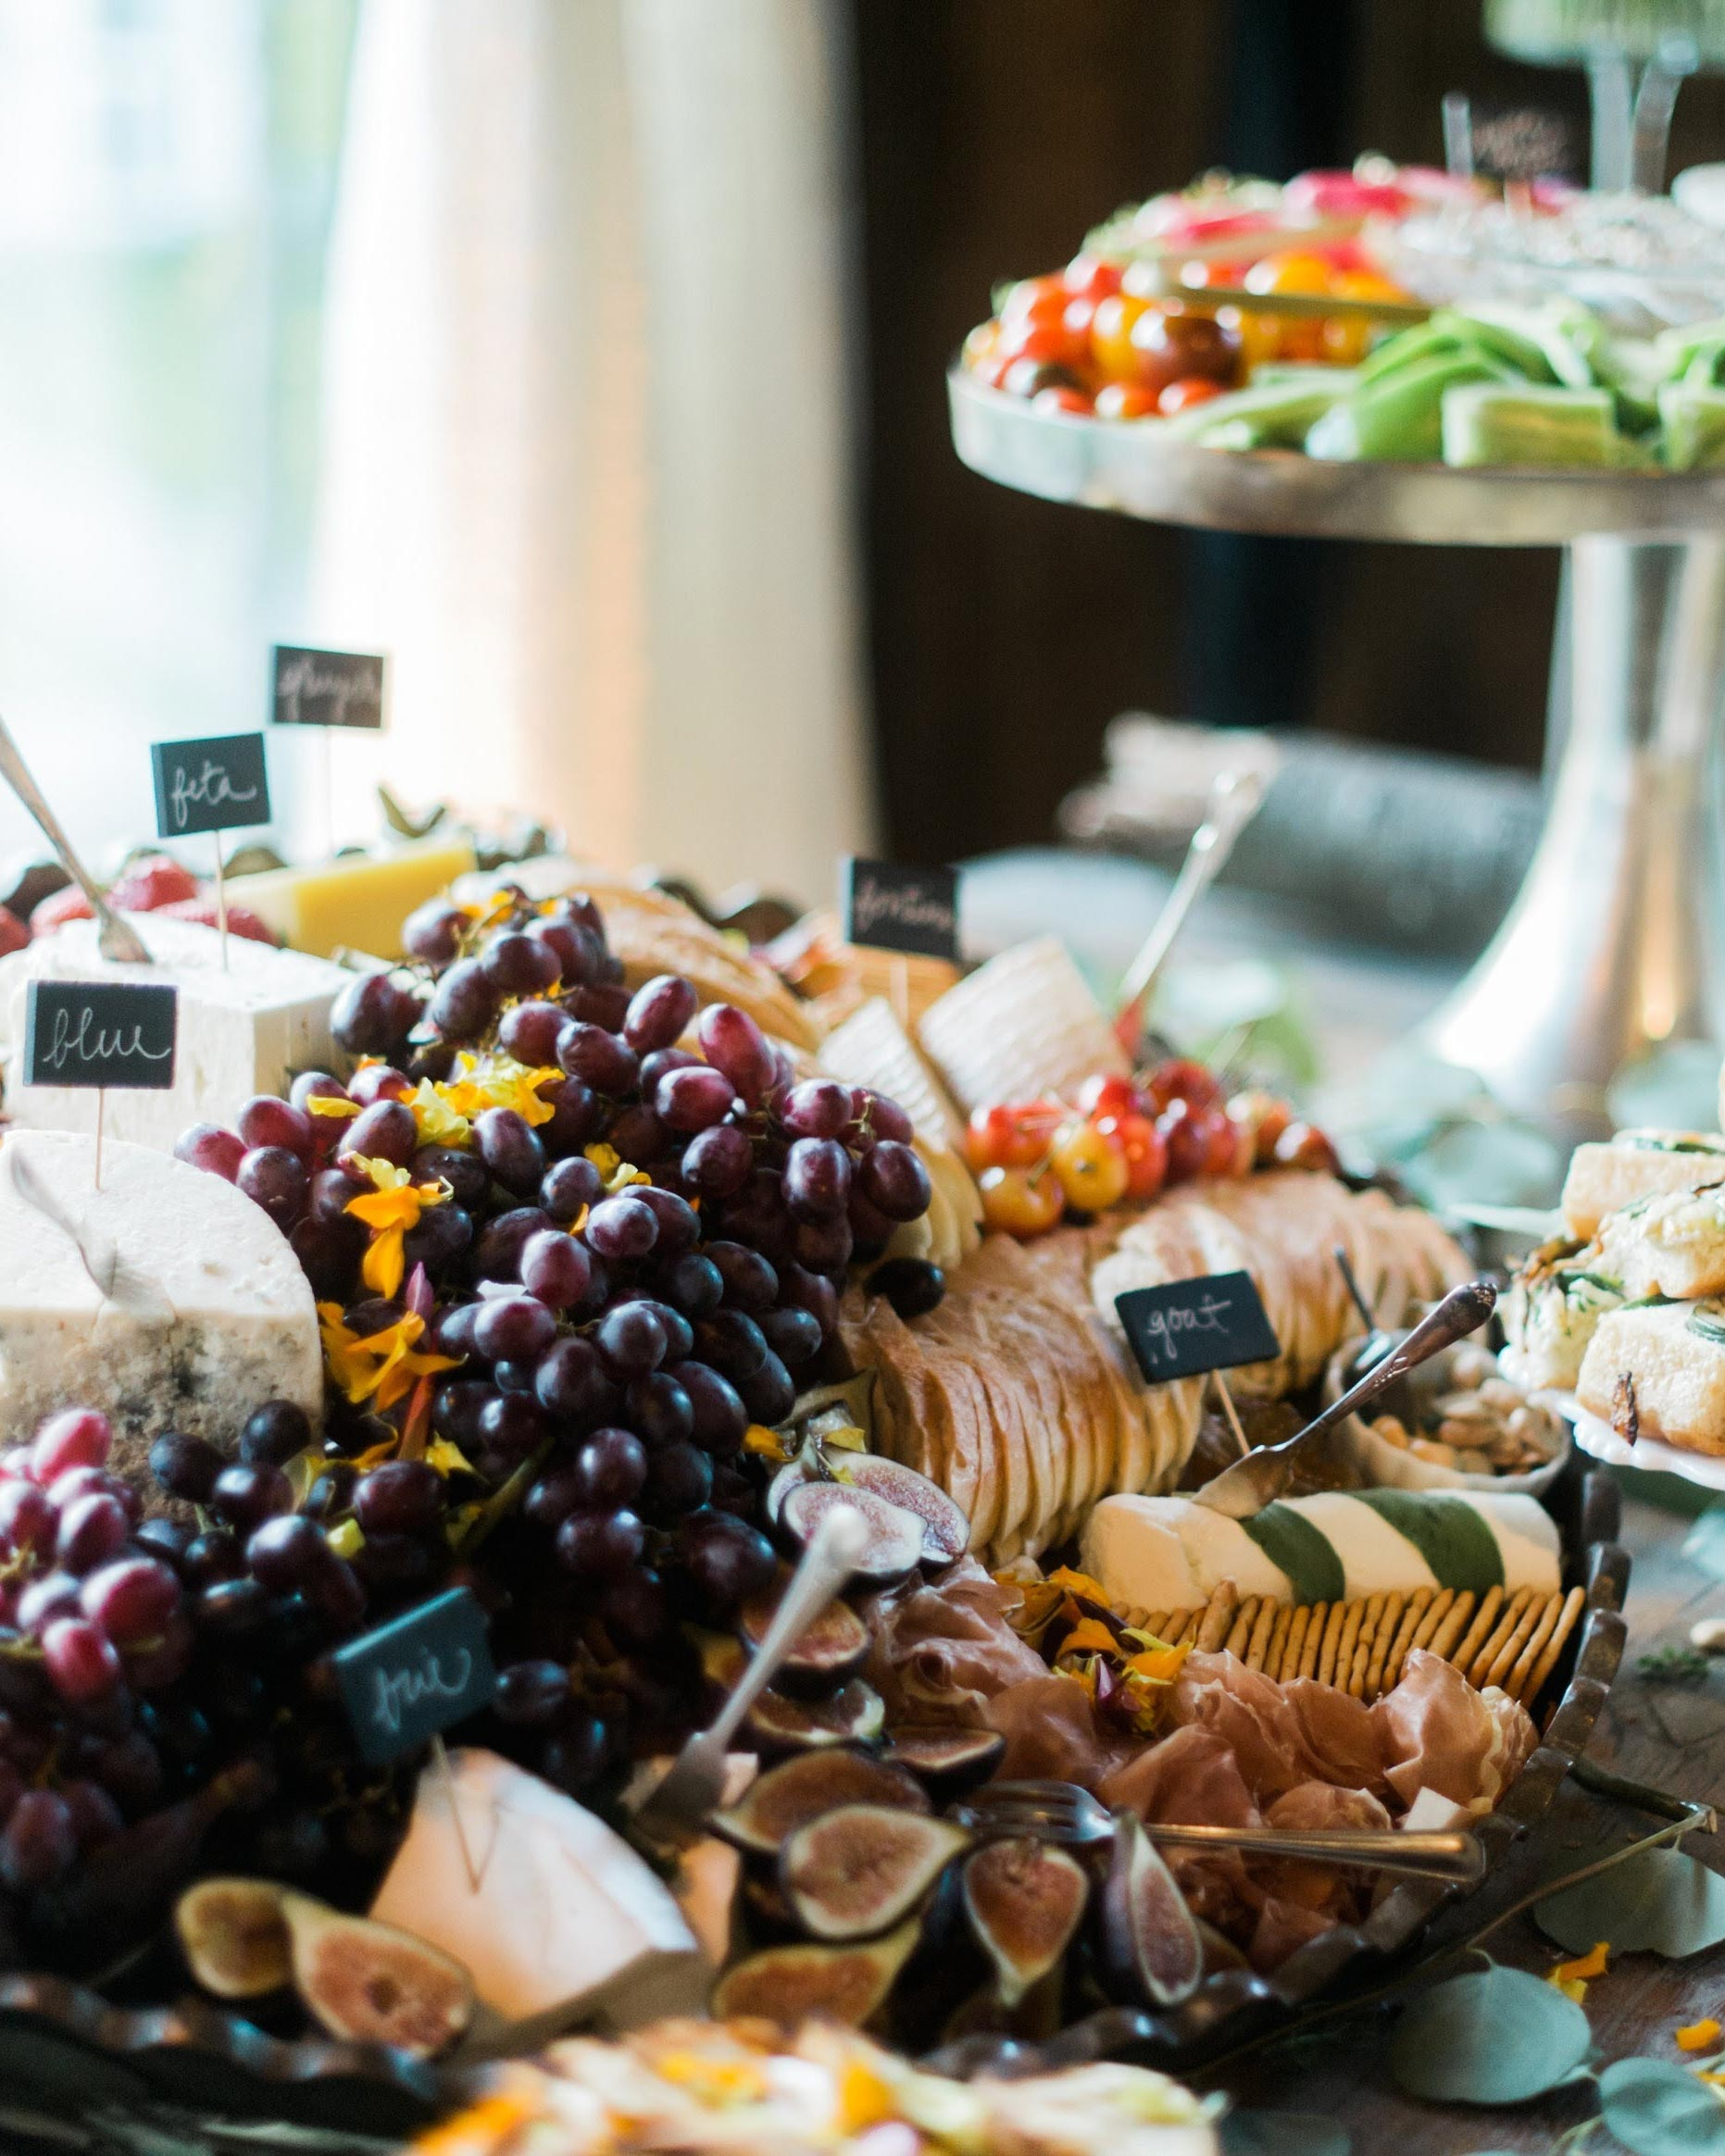 spring-summer-food-trends-cheese-veggie-table-0516.jpg